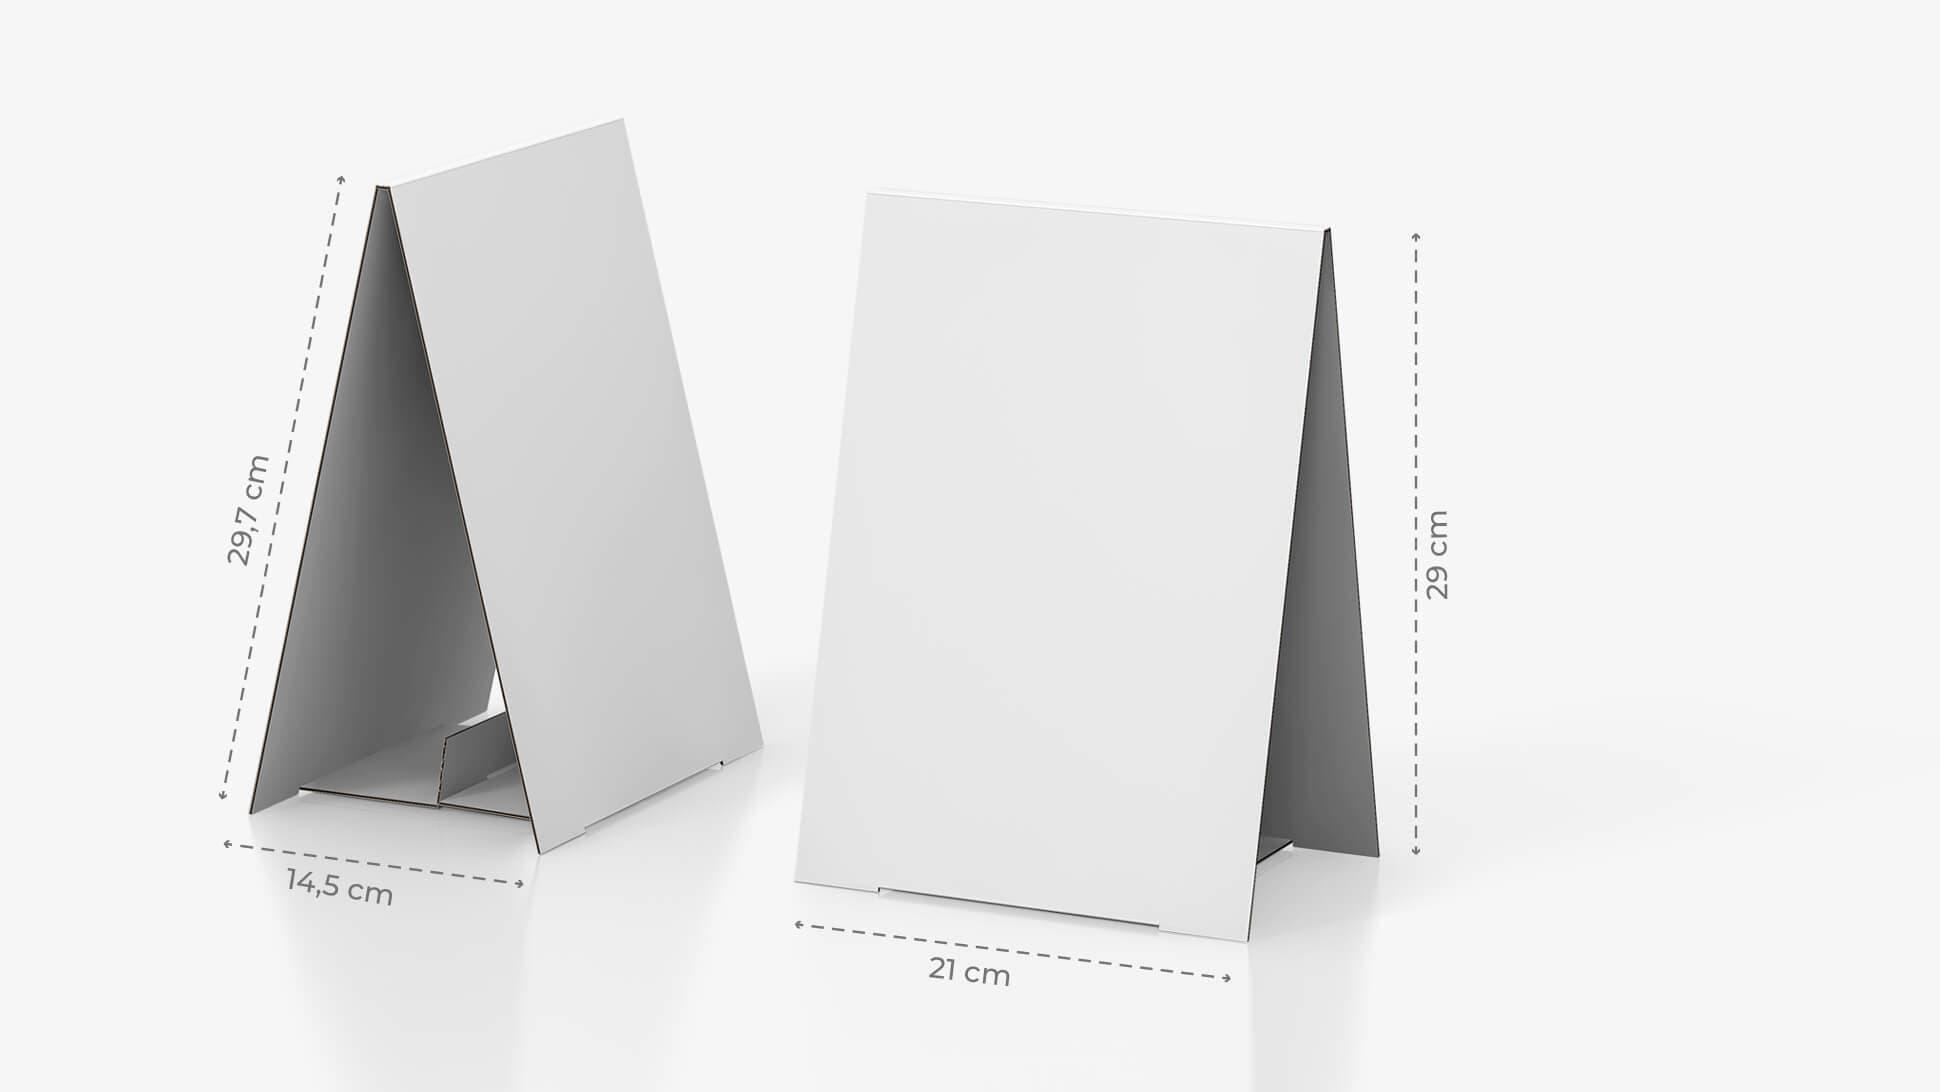 Display bifacciale da banco 21x29,7 cm personalizzabile | tictac.it